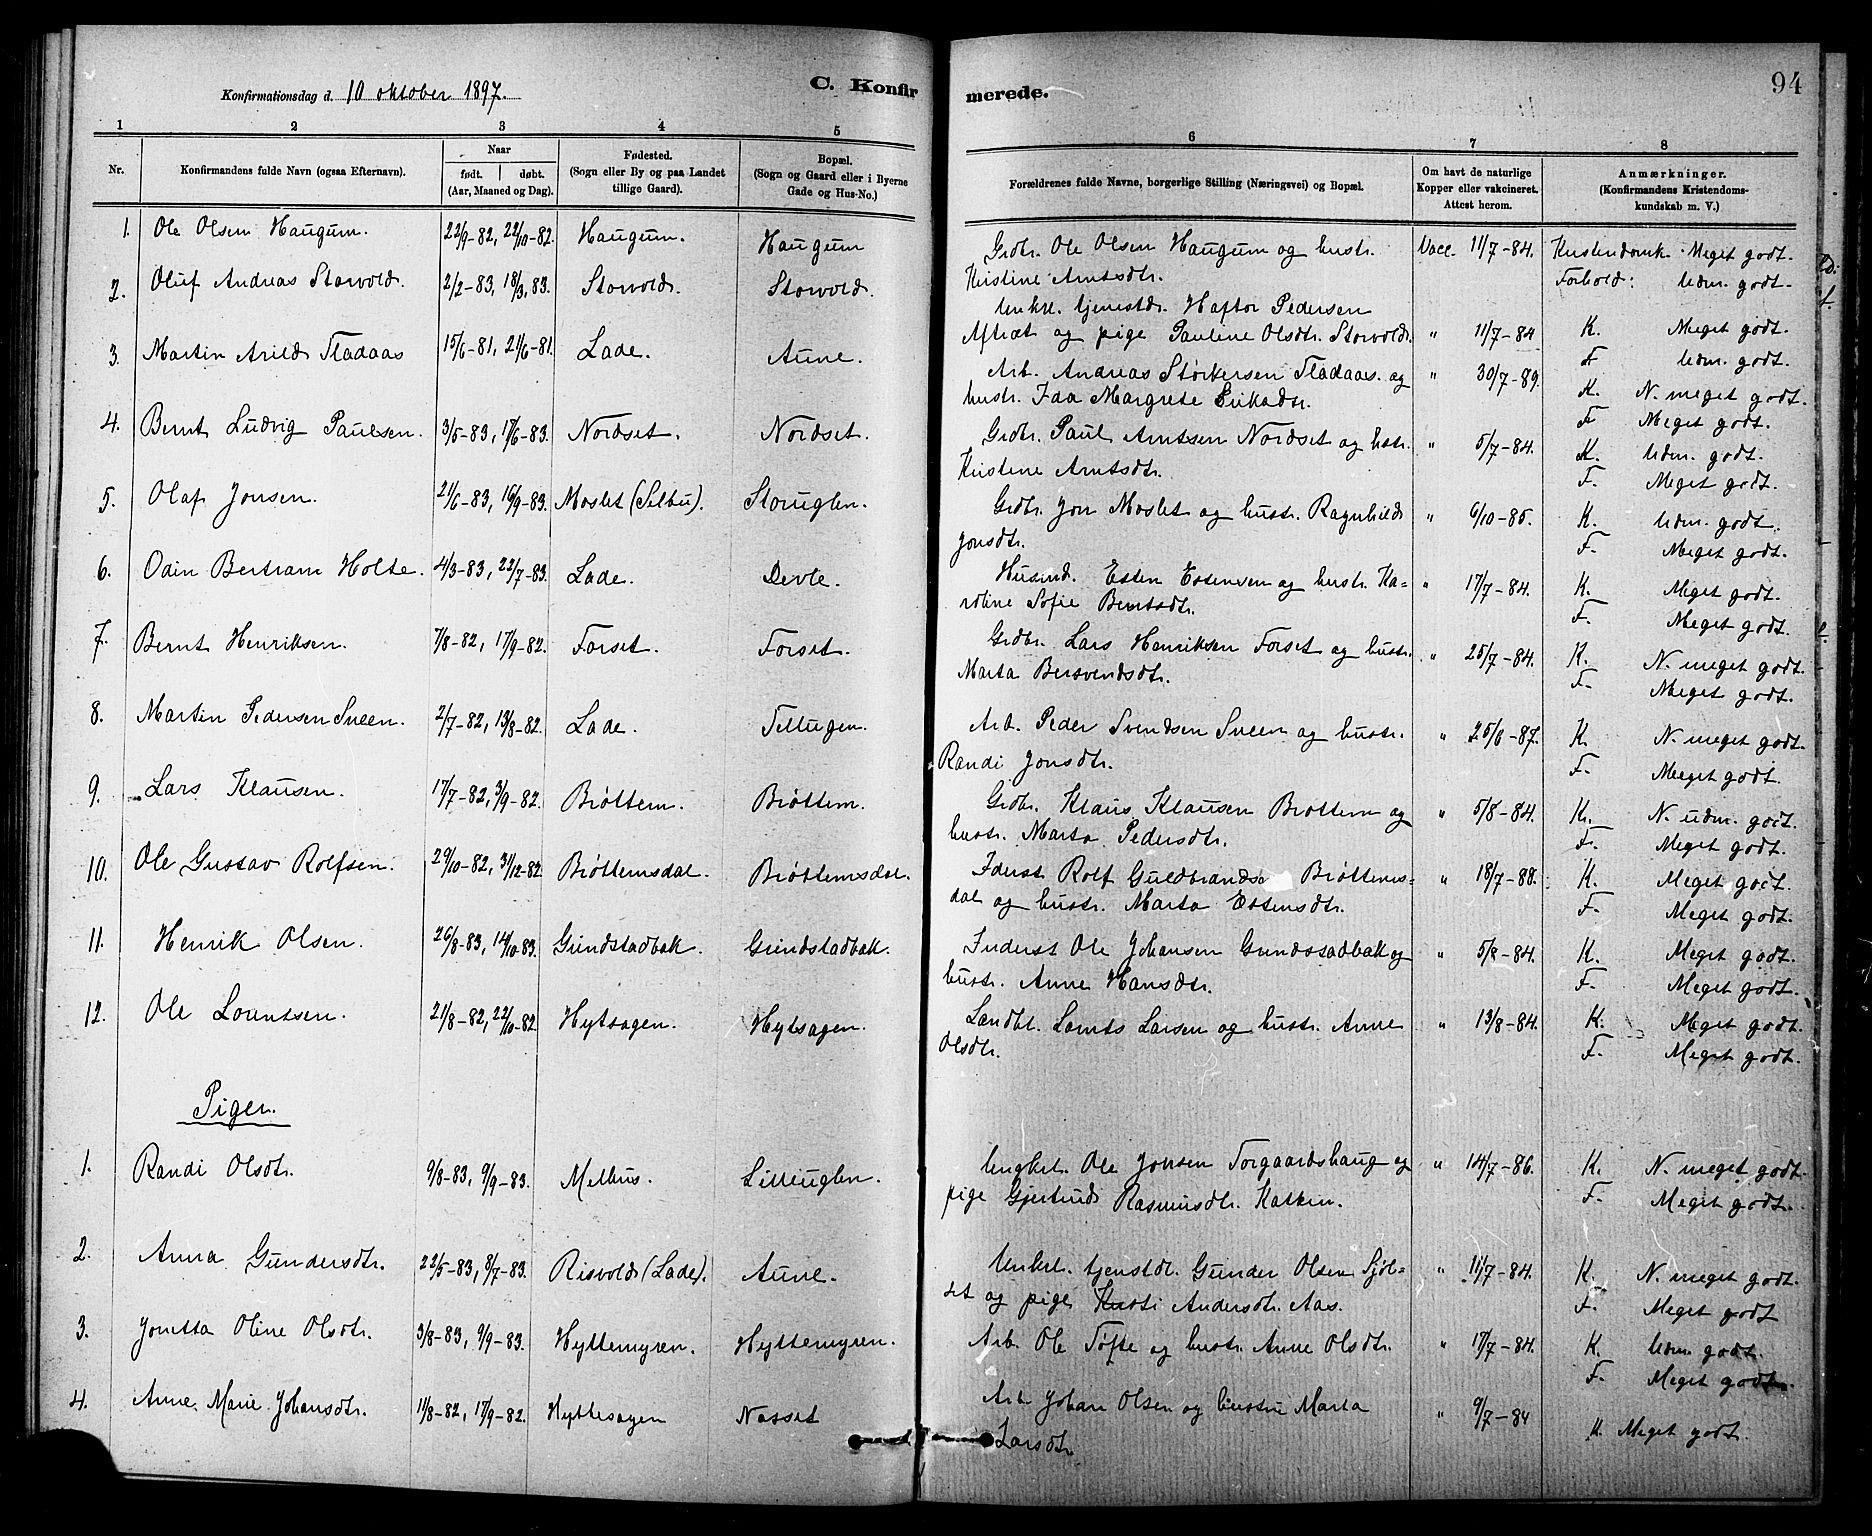 SAT, Ministerialprotokoller, klokkerbøker og fødselsregistre - Sør-Trøndelag, 618/L0452: Klokkerbok nr. 618C03, 1884-1906, s. 94